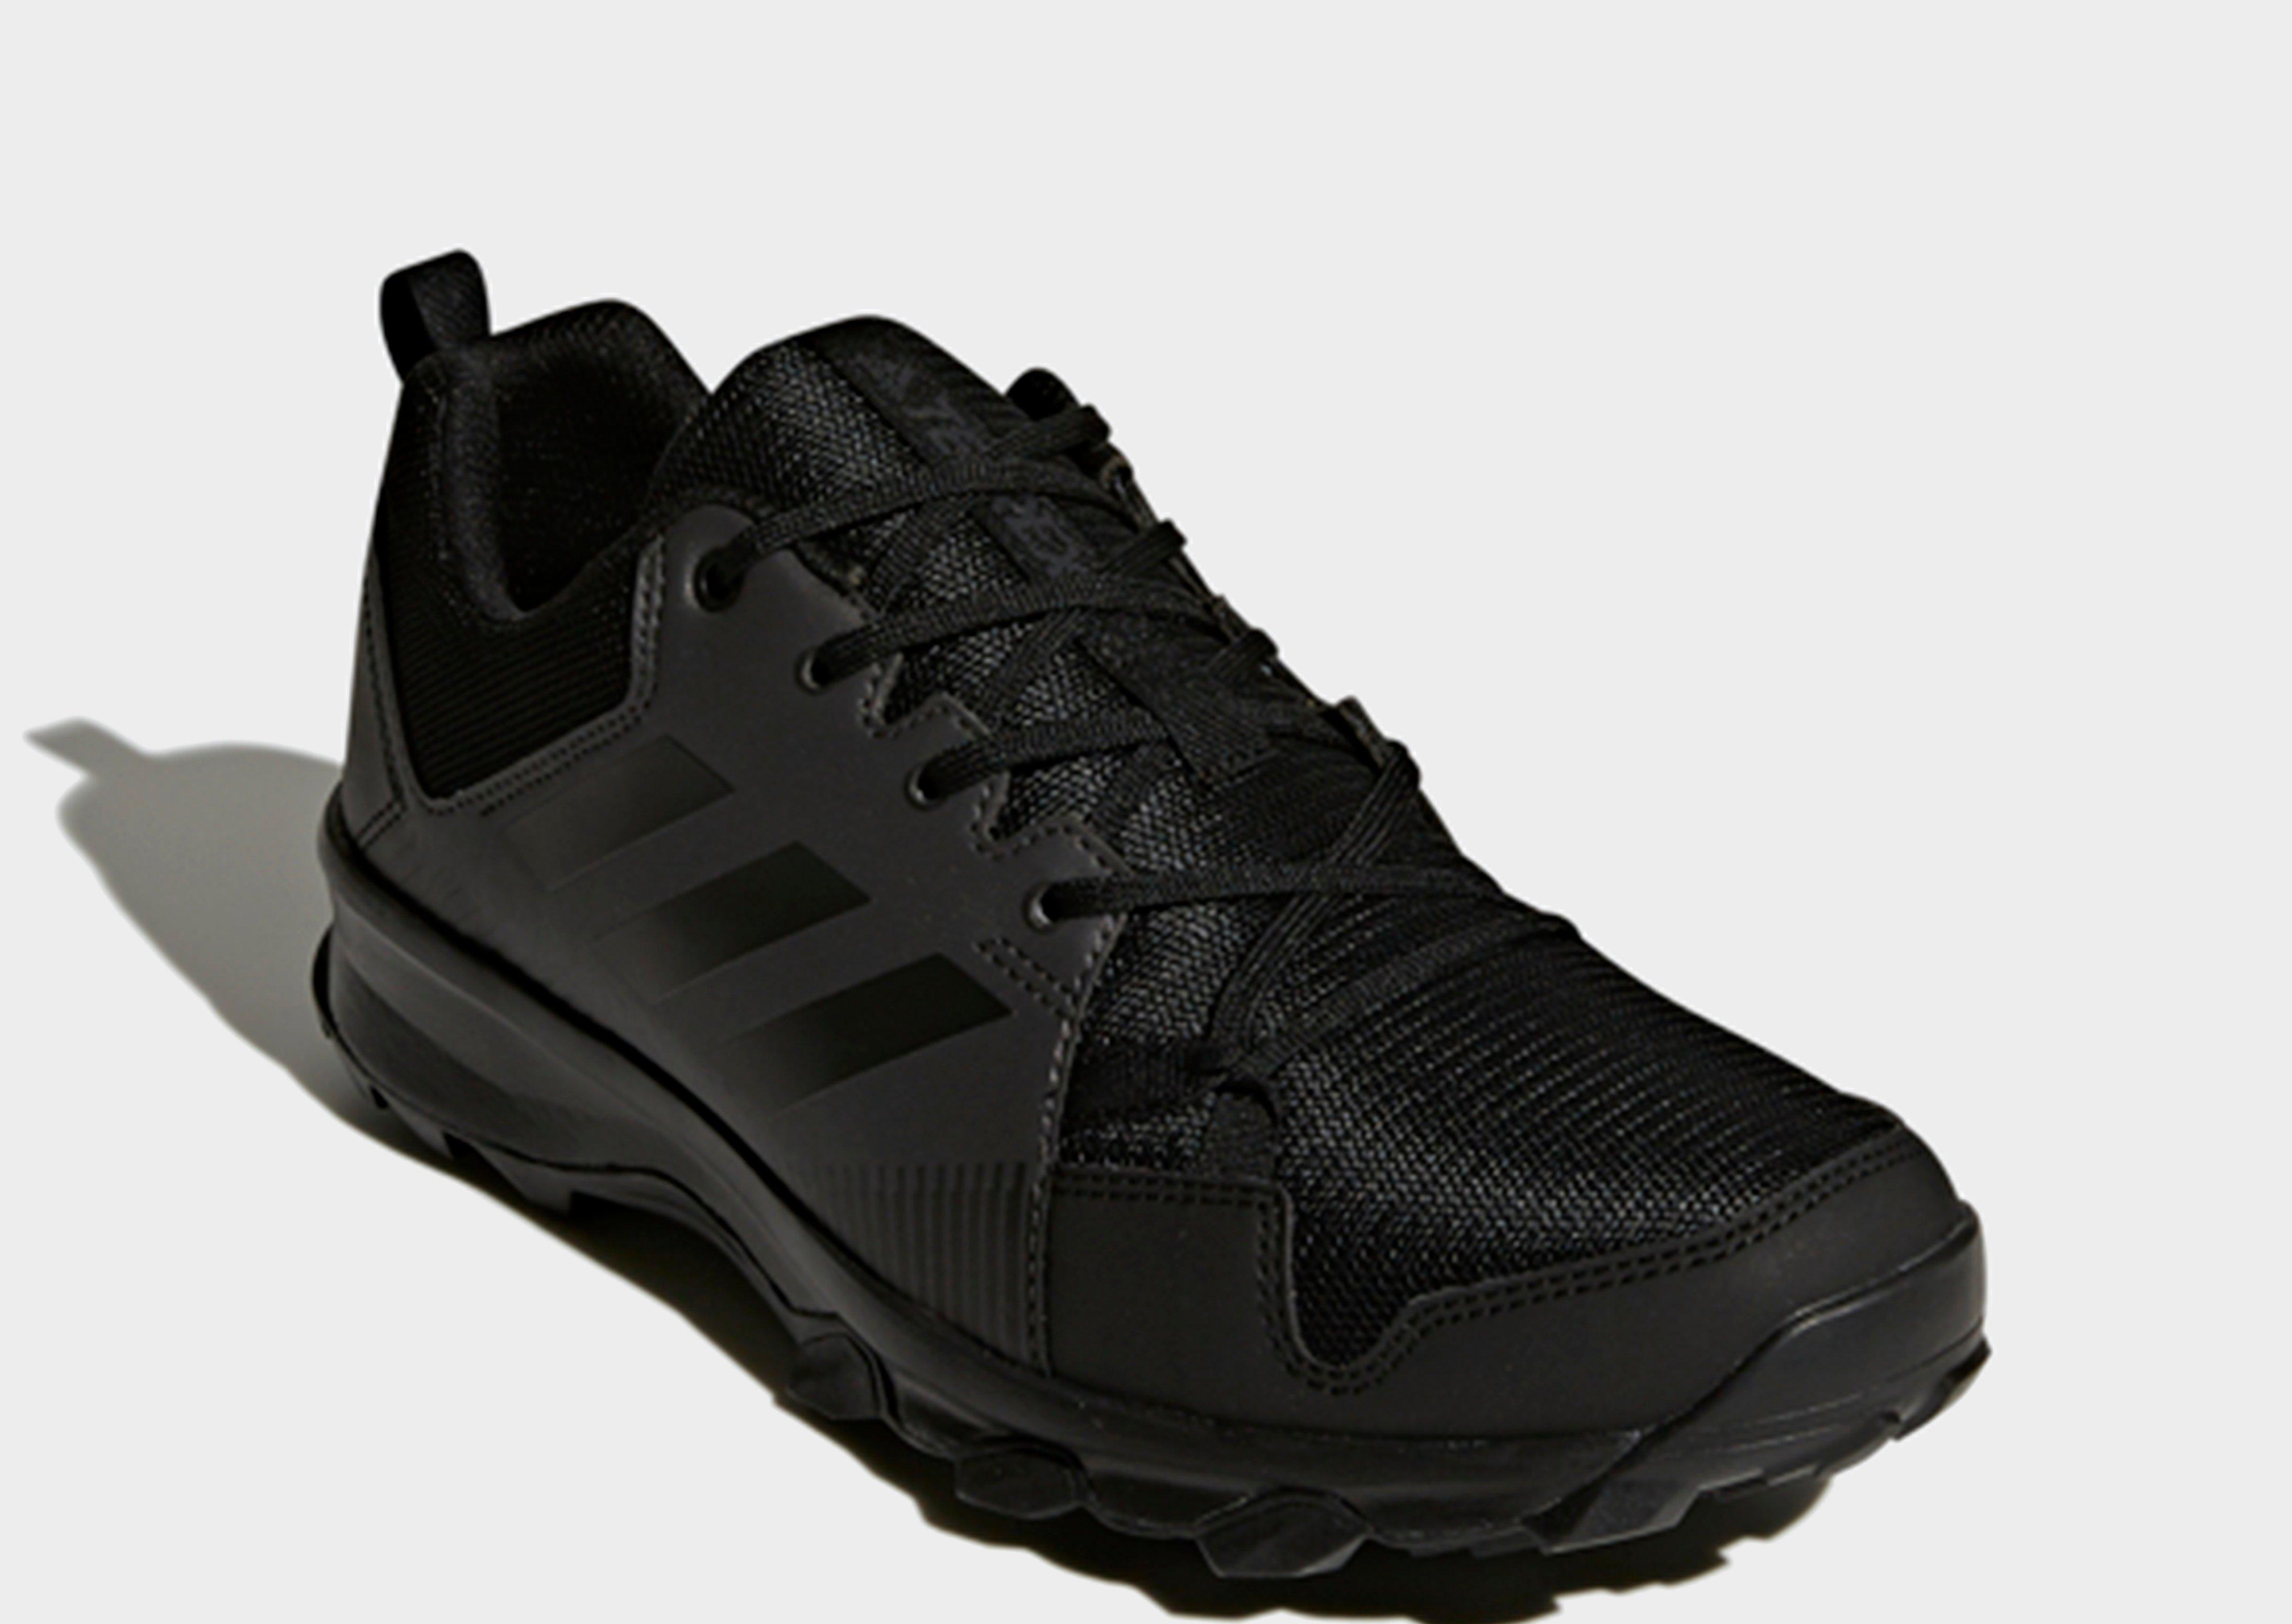 4b9b948d887 Lyst - Adidas Terrex Tracerocker Shoes in Black for Men